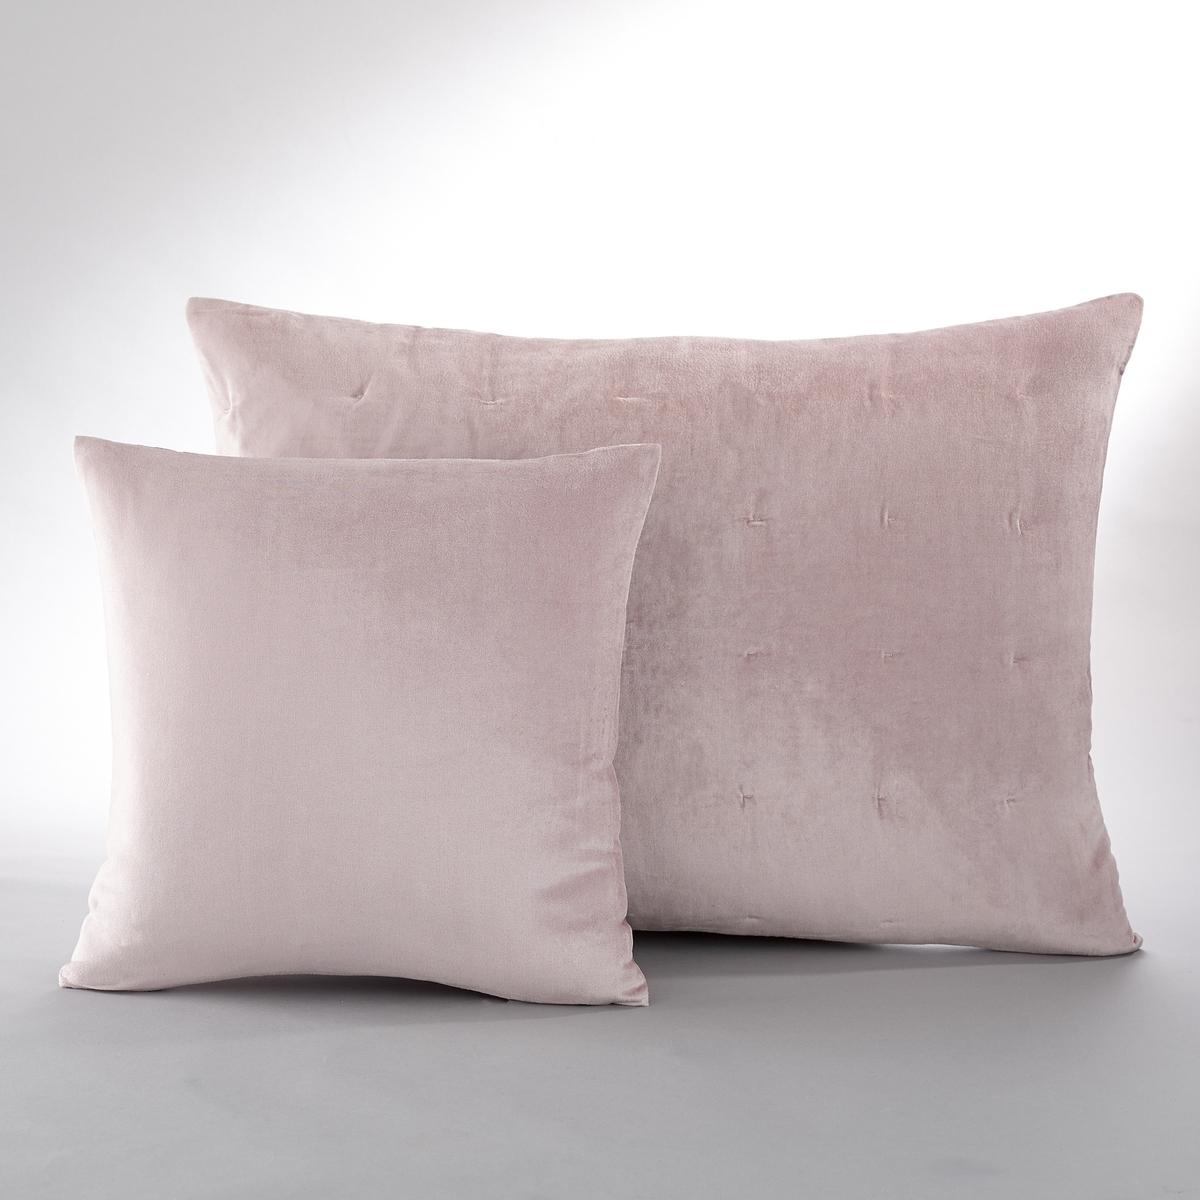 Наволочка на подушку-валик или подушку, Damya наволочка на подушку валик fougeras